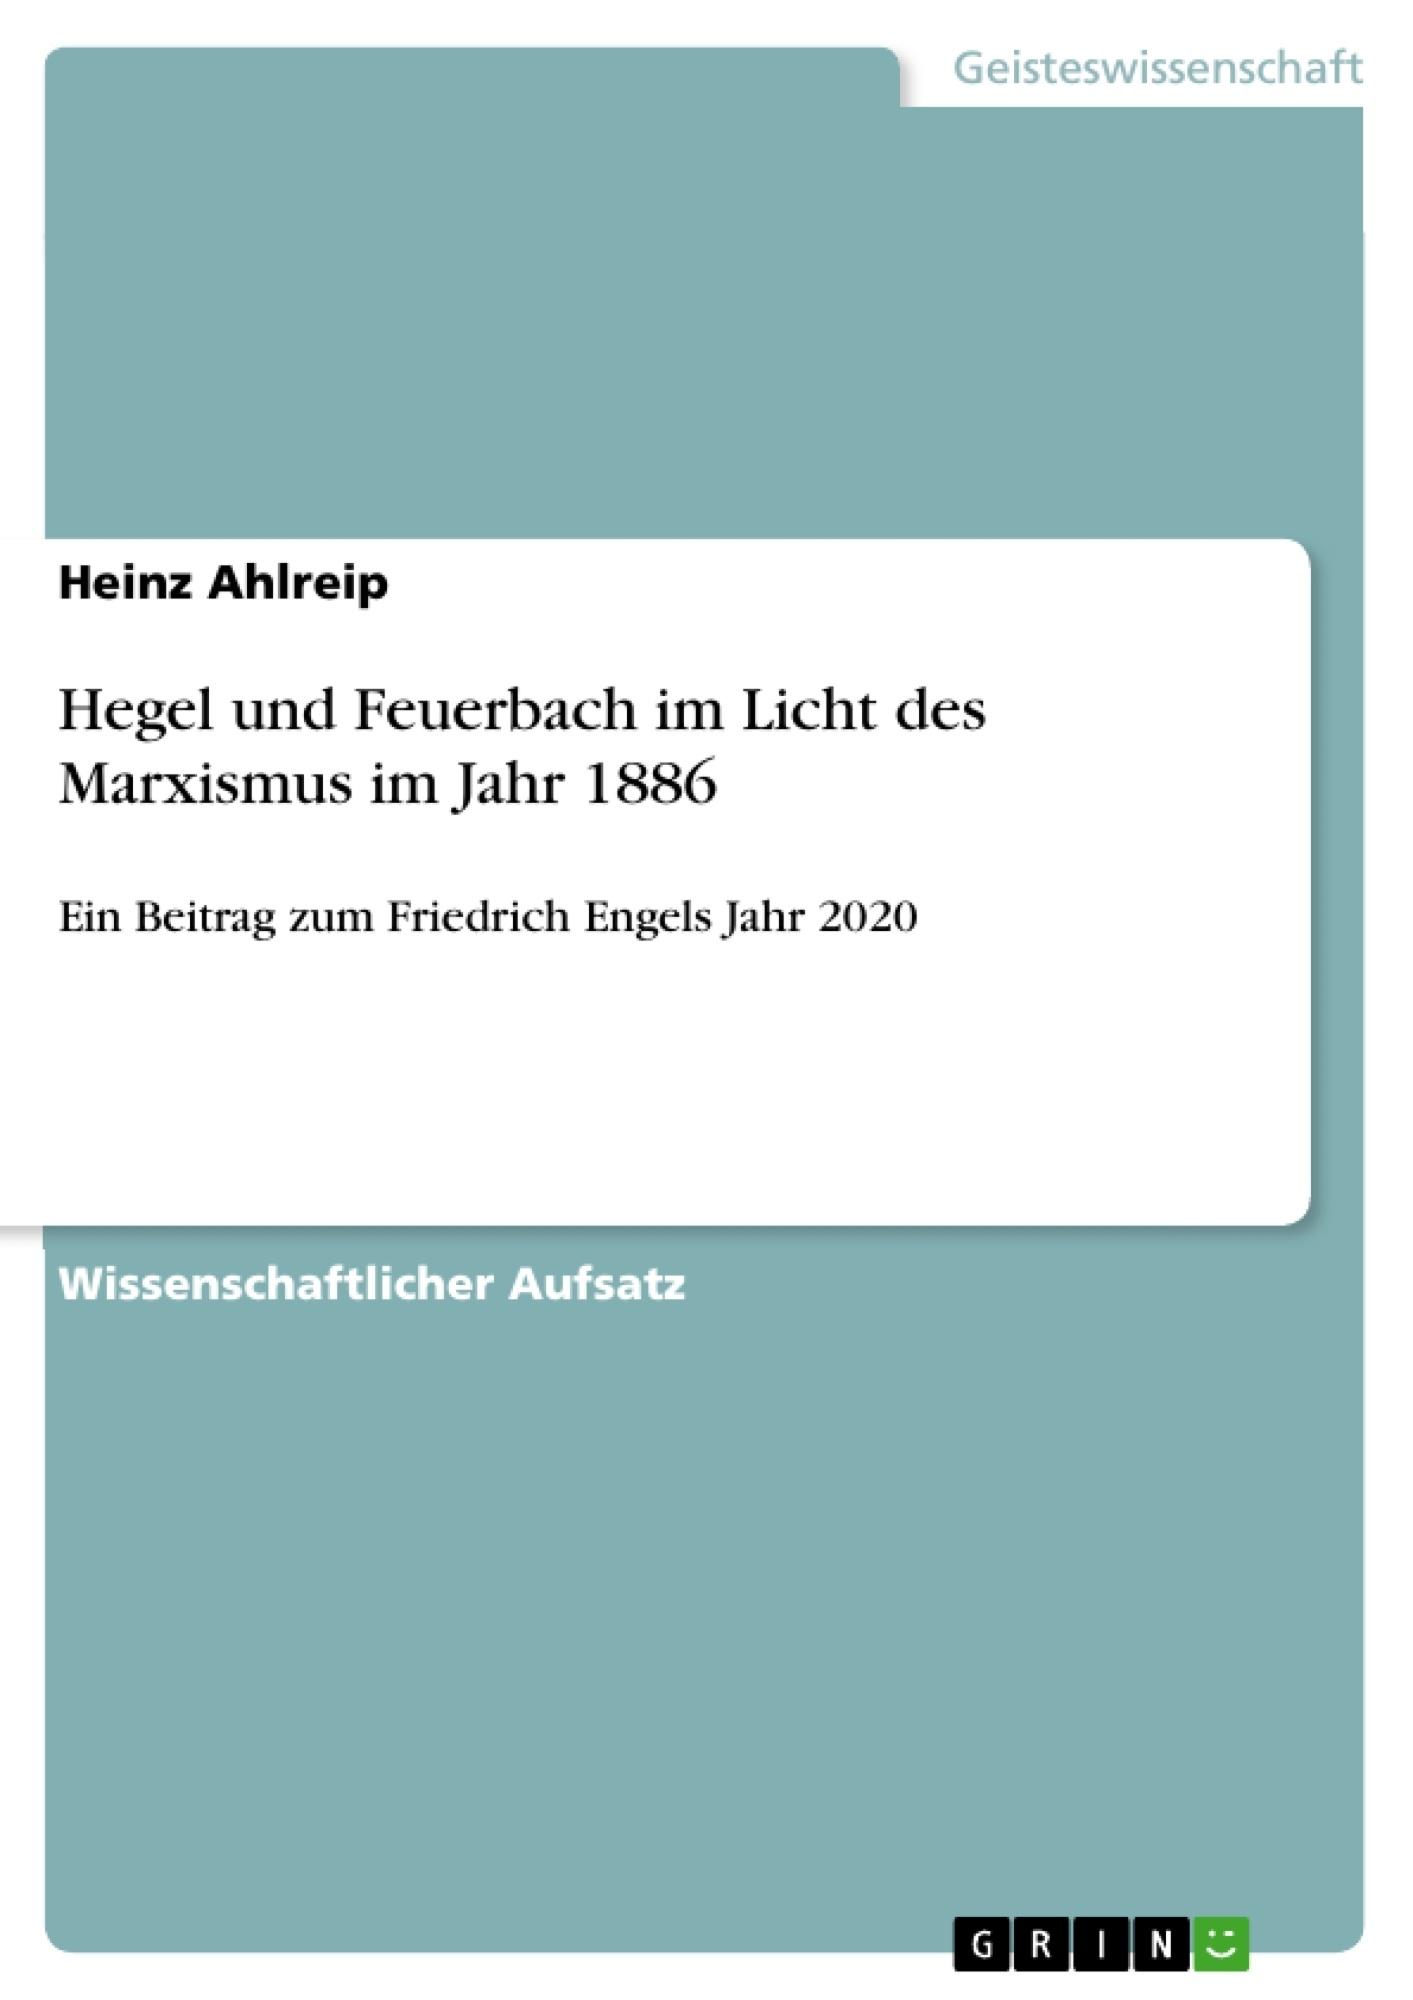 Titel: Hegel und Feuerbach im Licht des Marxismus im Jahr 1886